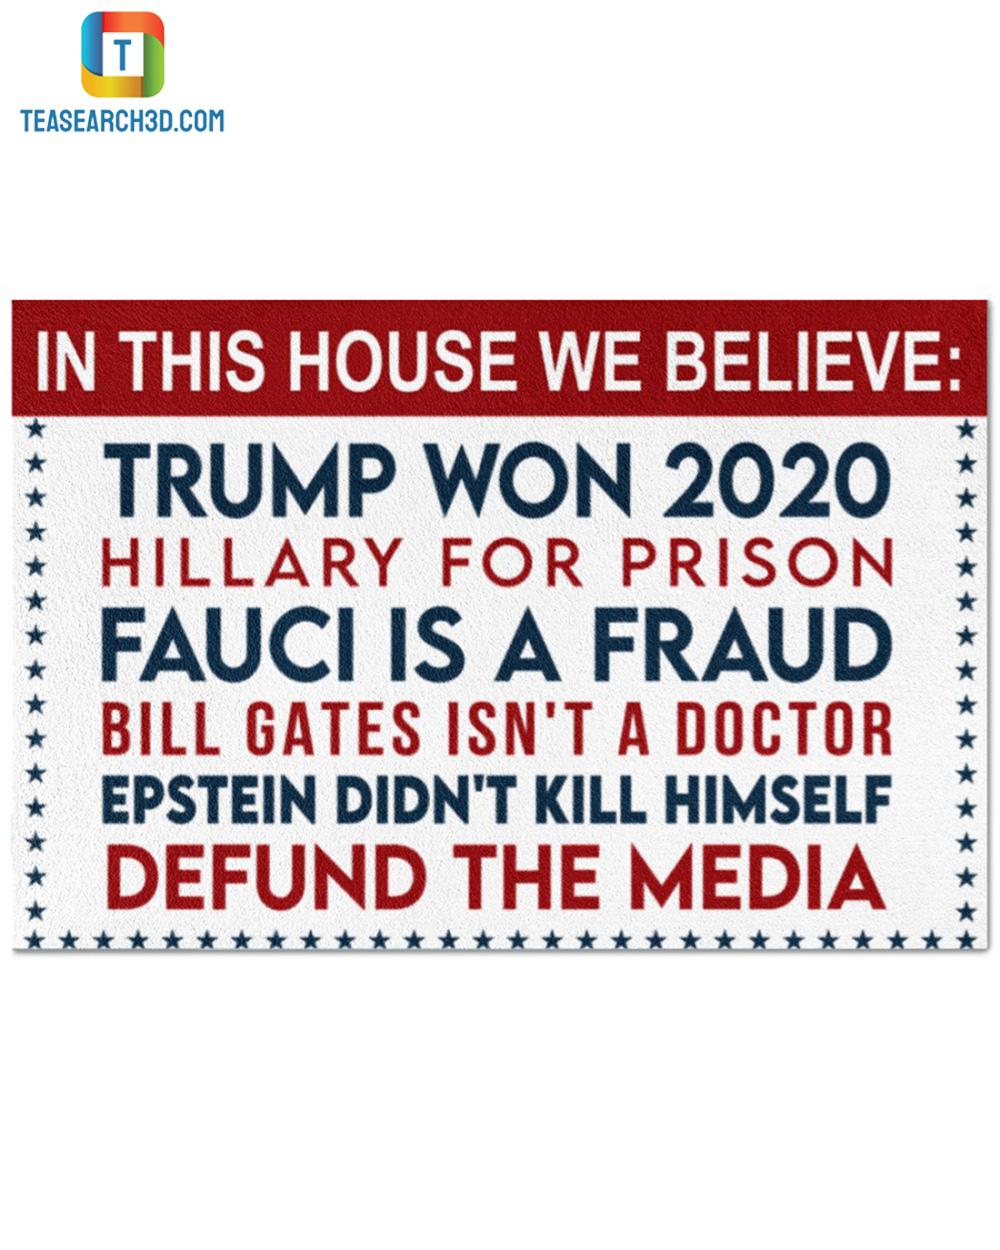 In this house we believe Trump won 2020 doormat